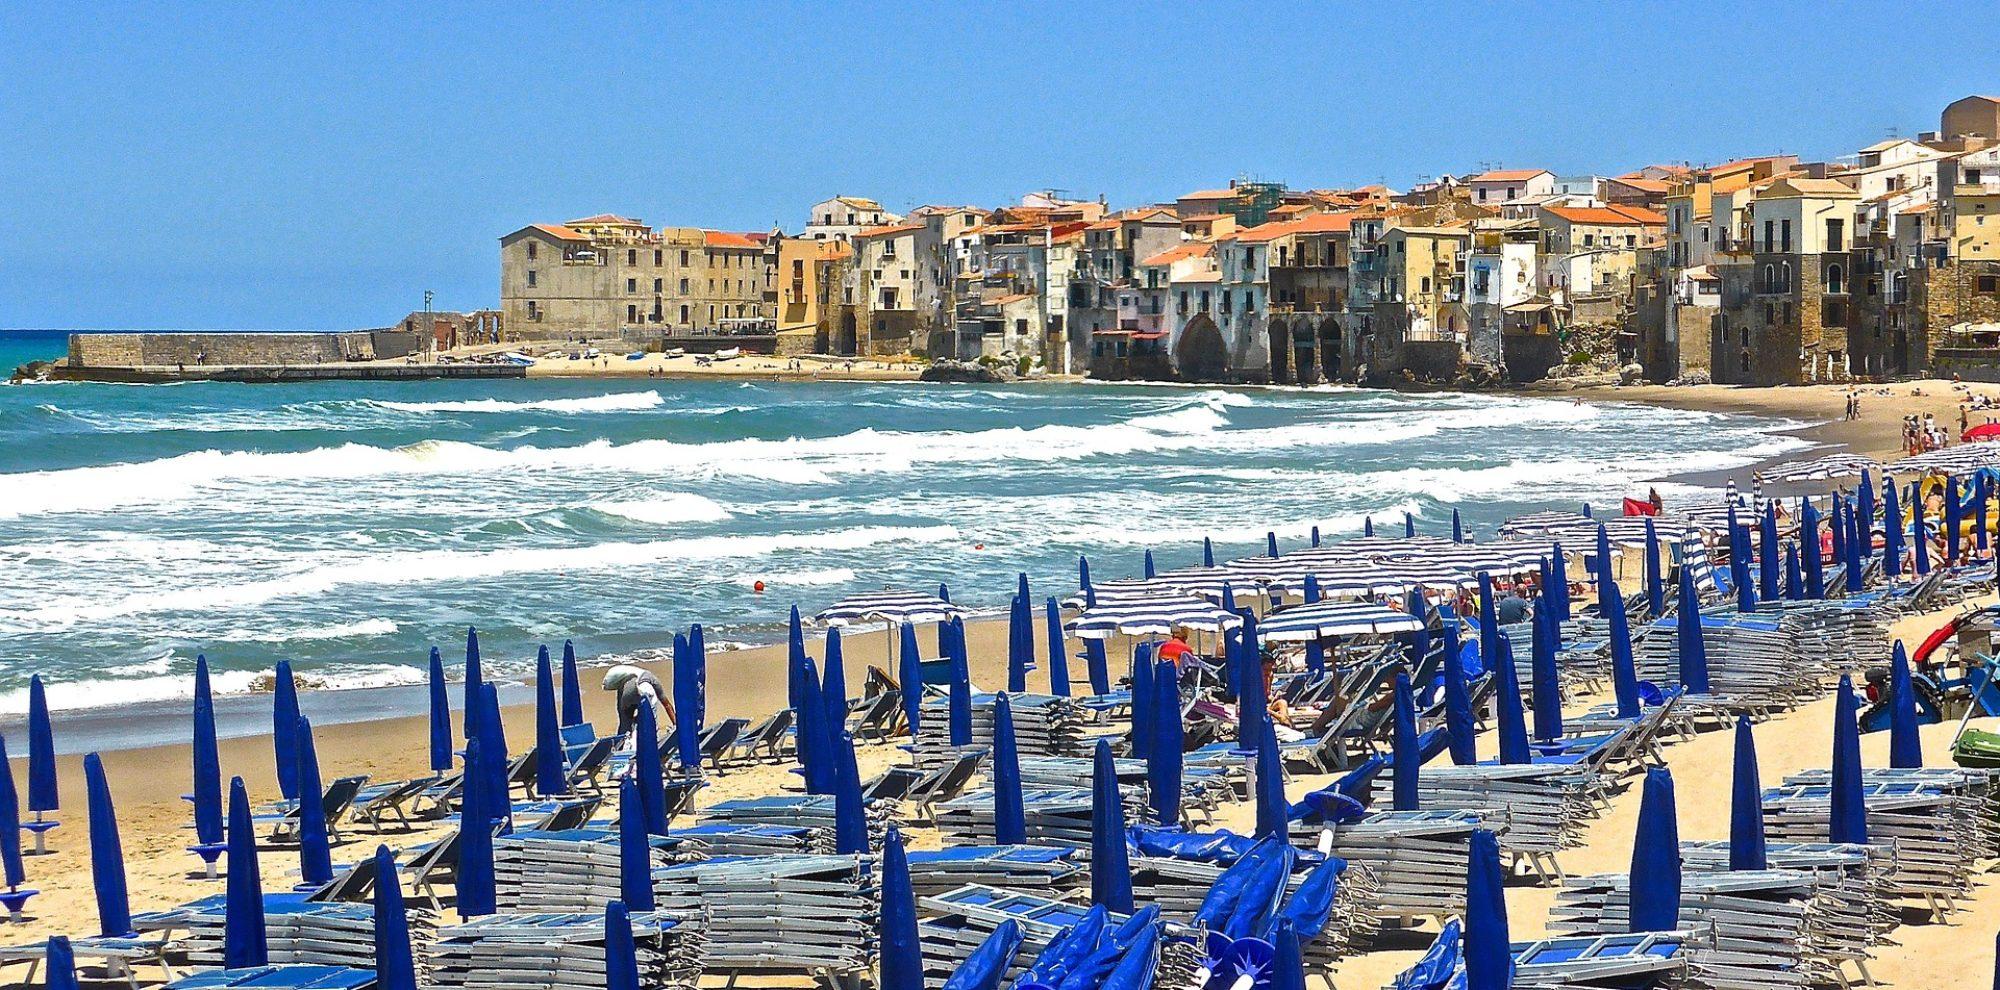 Lekker op vakantie naar italië!